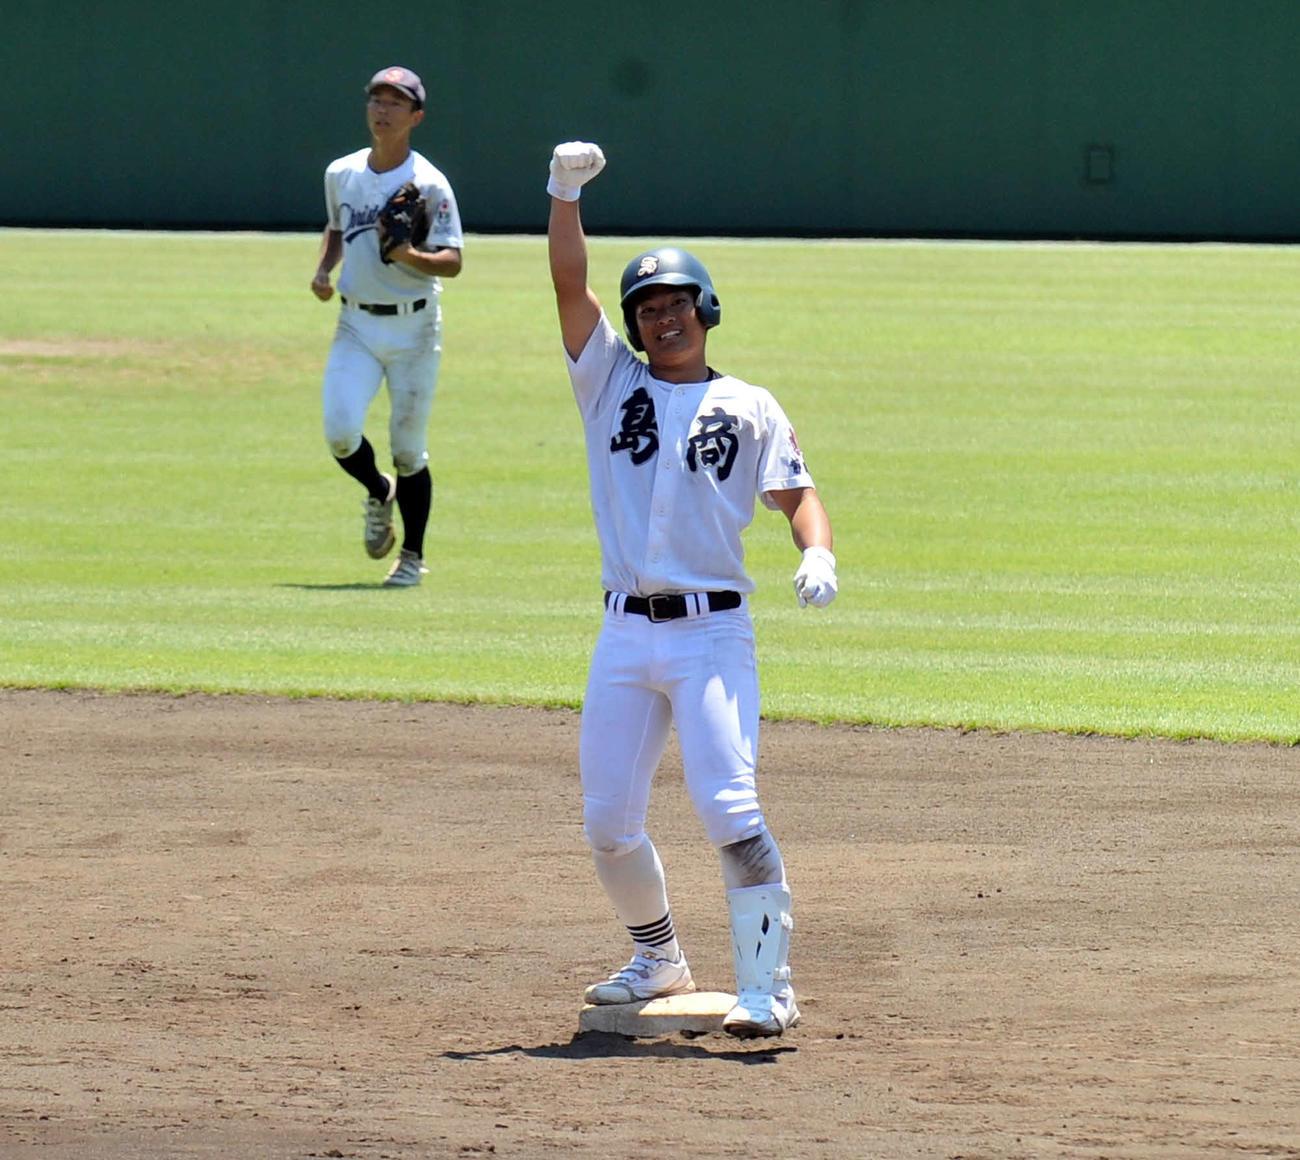 決勝の逆転2点適時二塁打を放ってガッツポーズする島田商・杉崎